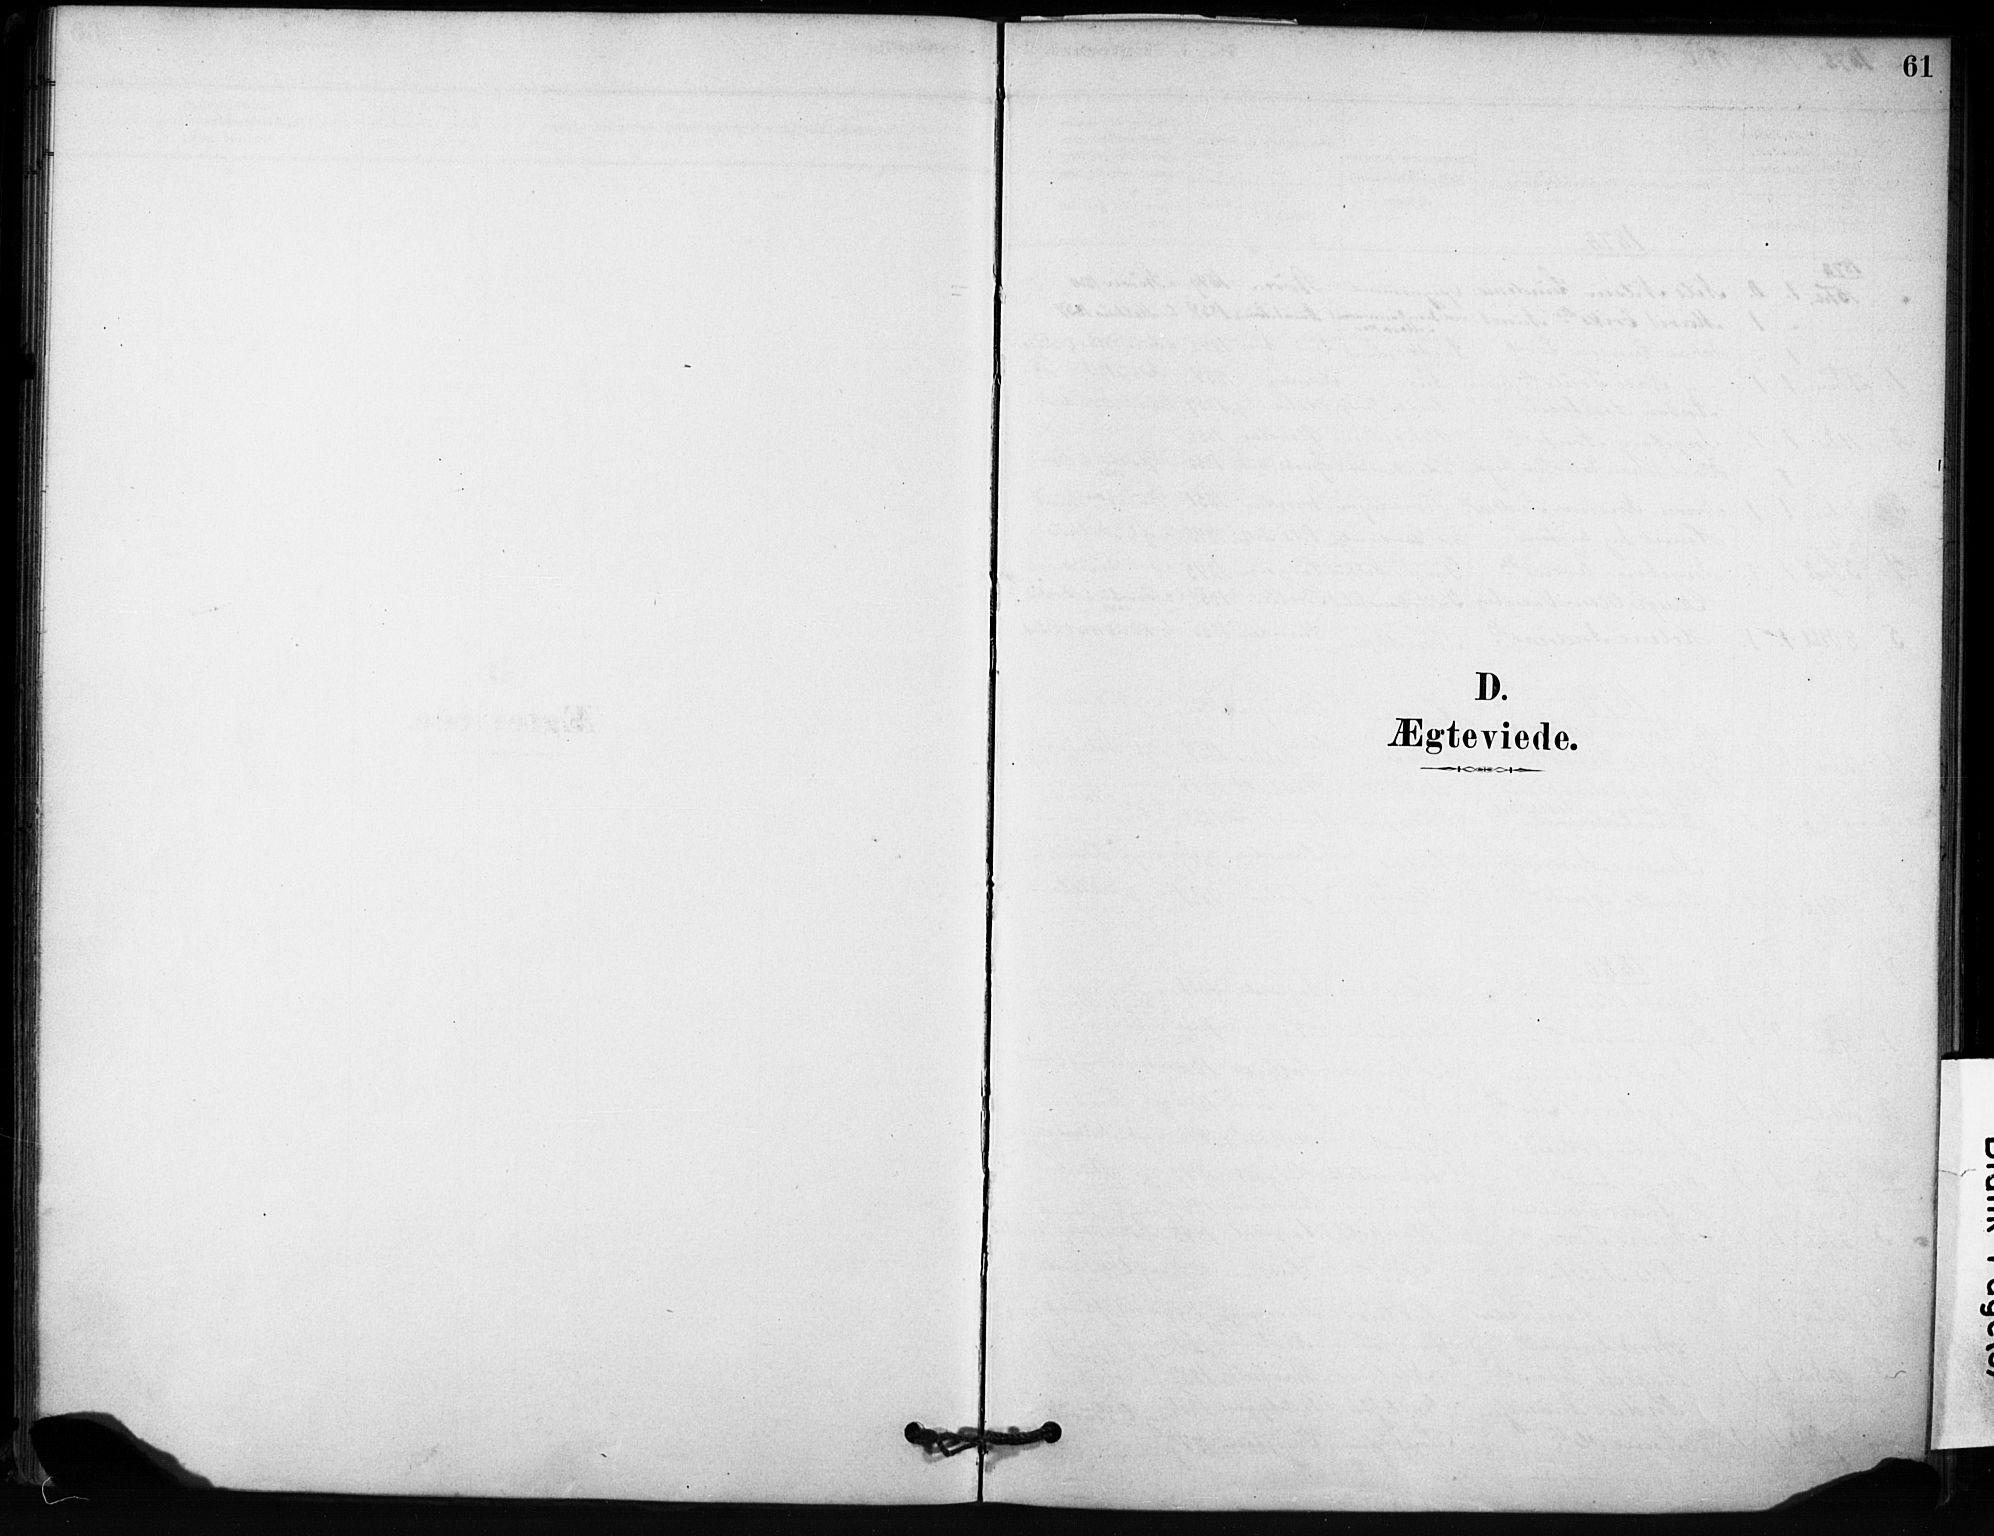 SAT, Ministerialprotokoller, klokkerbøker og fødselsregistre - Sør-Trøndelag, 666/L0786: Ministerialbok nr. 666A04, 1878-1895, s. 61